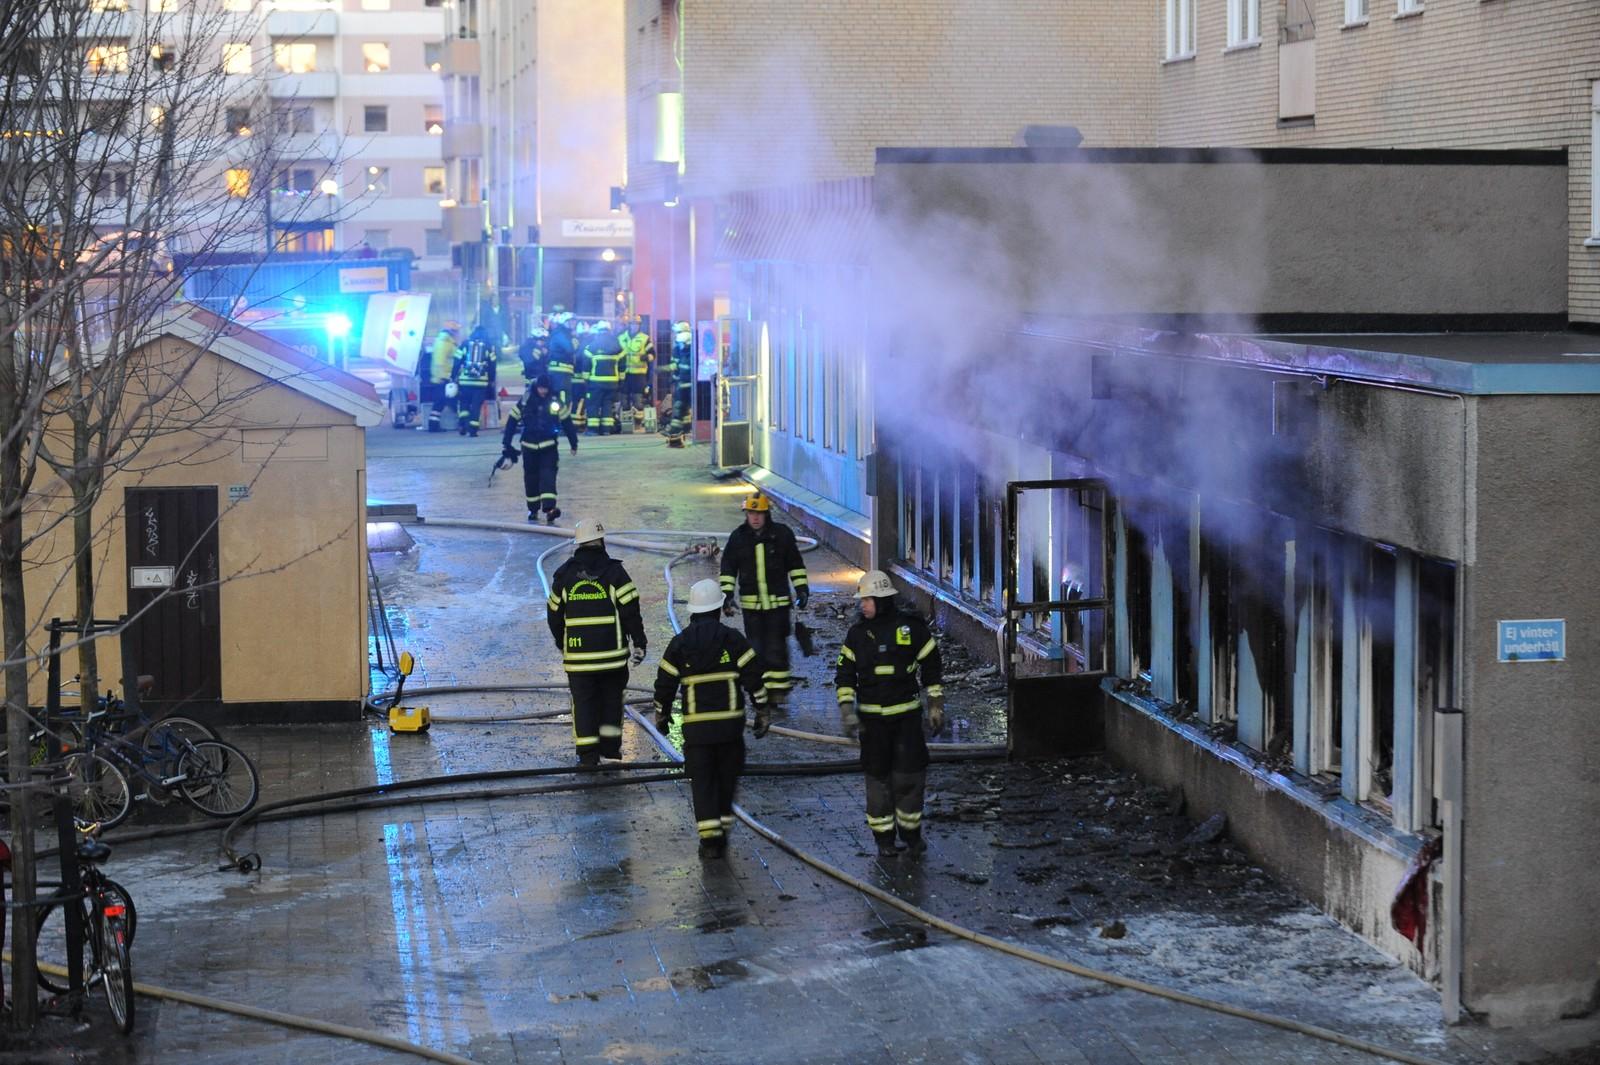 Ved 15.30-tiden var moskebrannen under kontroll, men det var kraftig røykutvikling i bygningen.